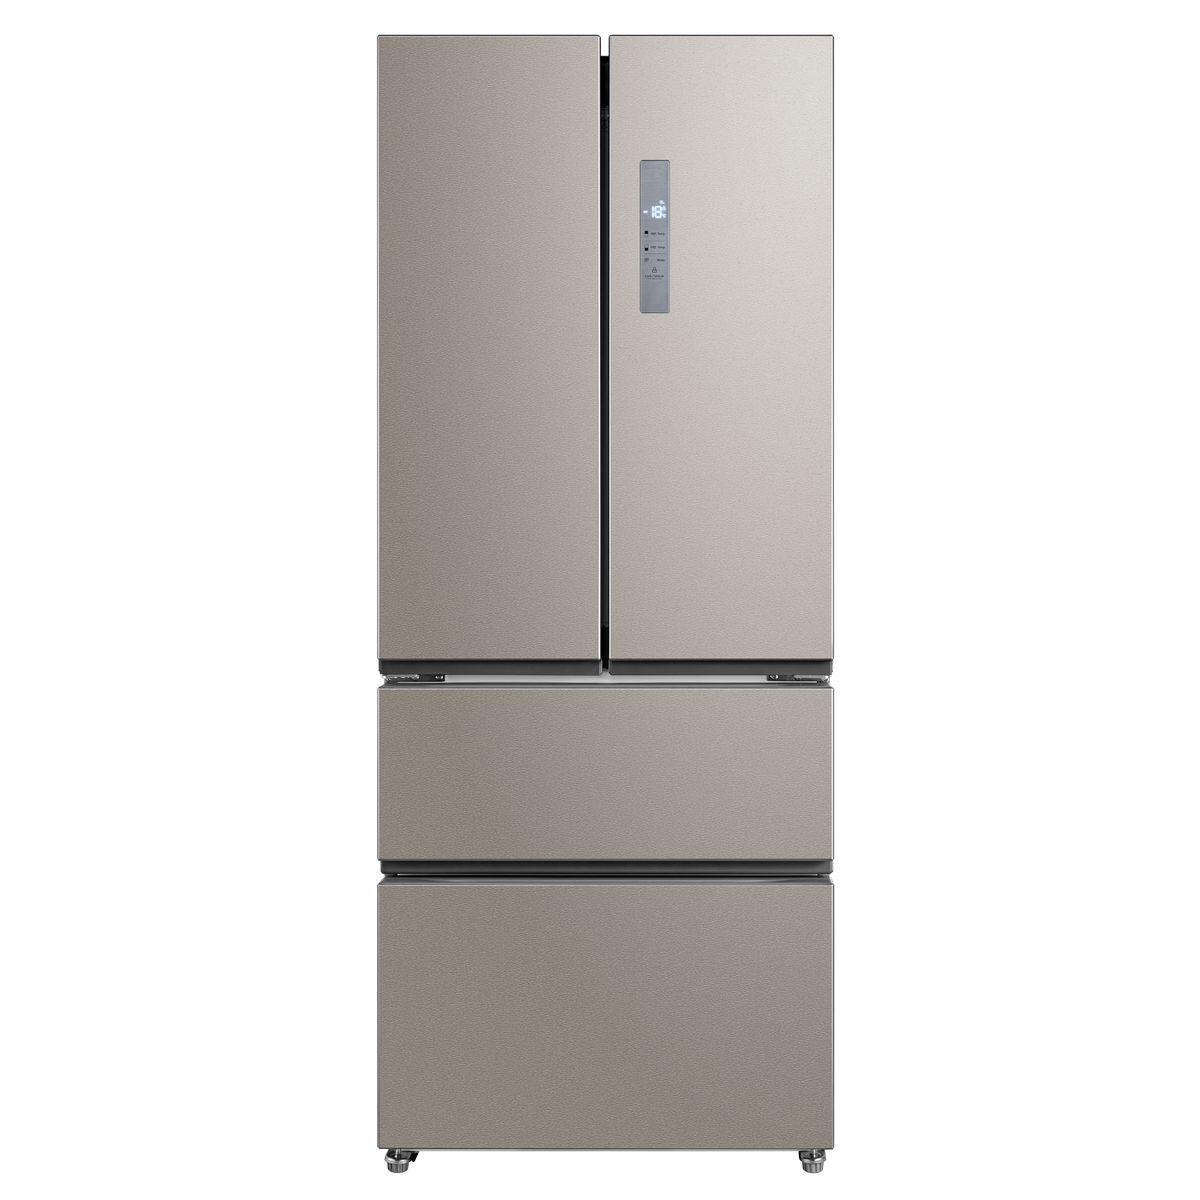 Réfrigérateur multi-portes 155487, 431 L, Froid ventilé